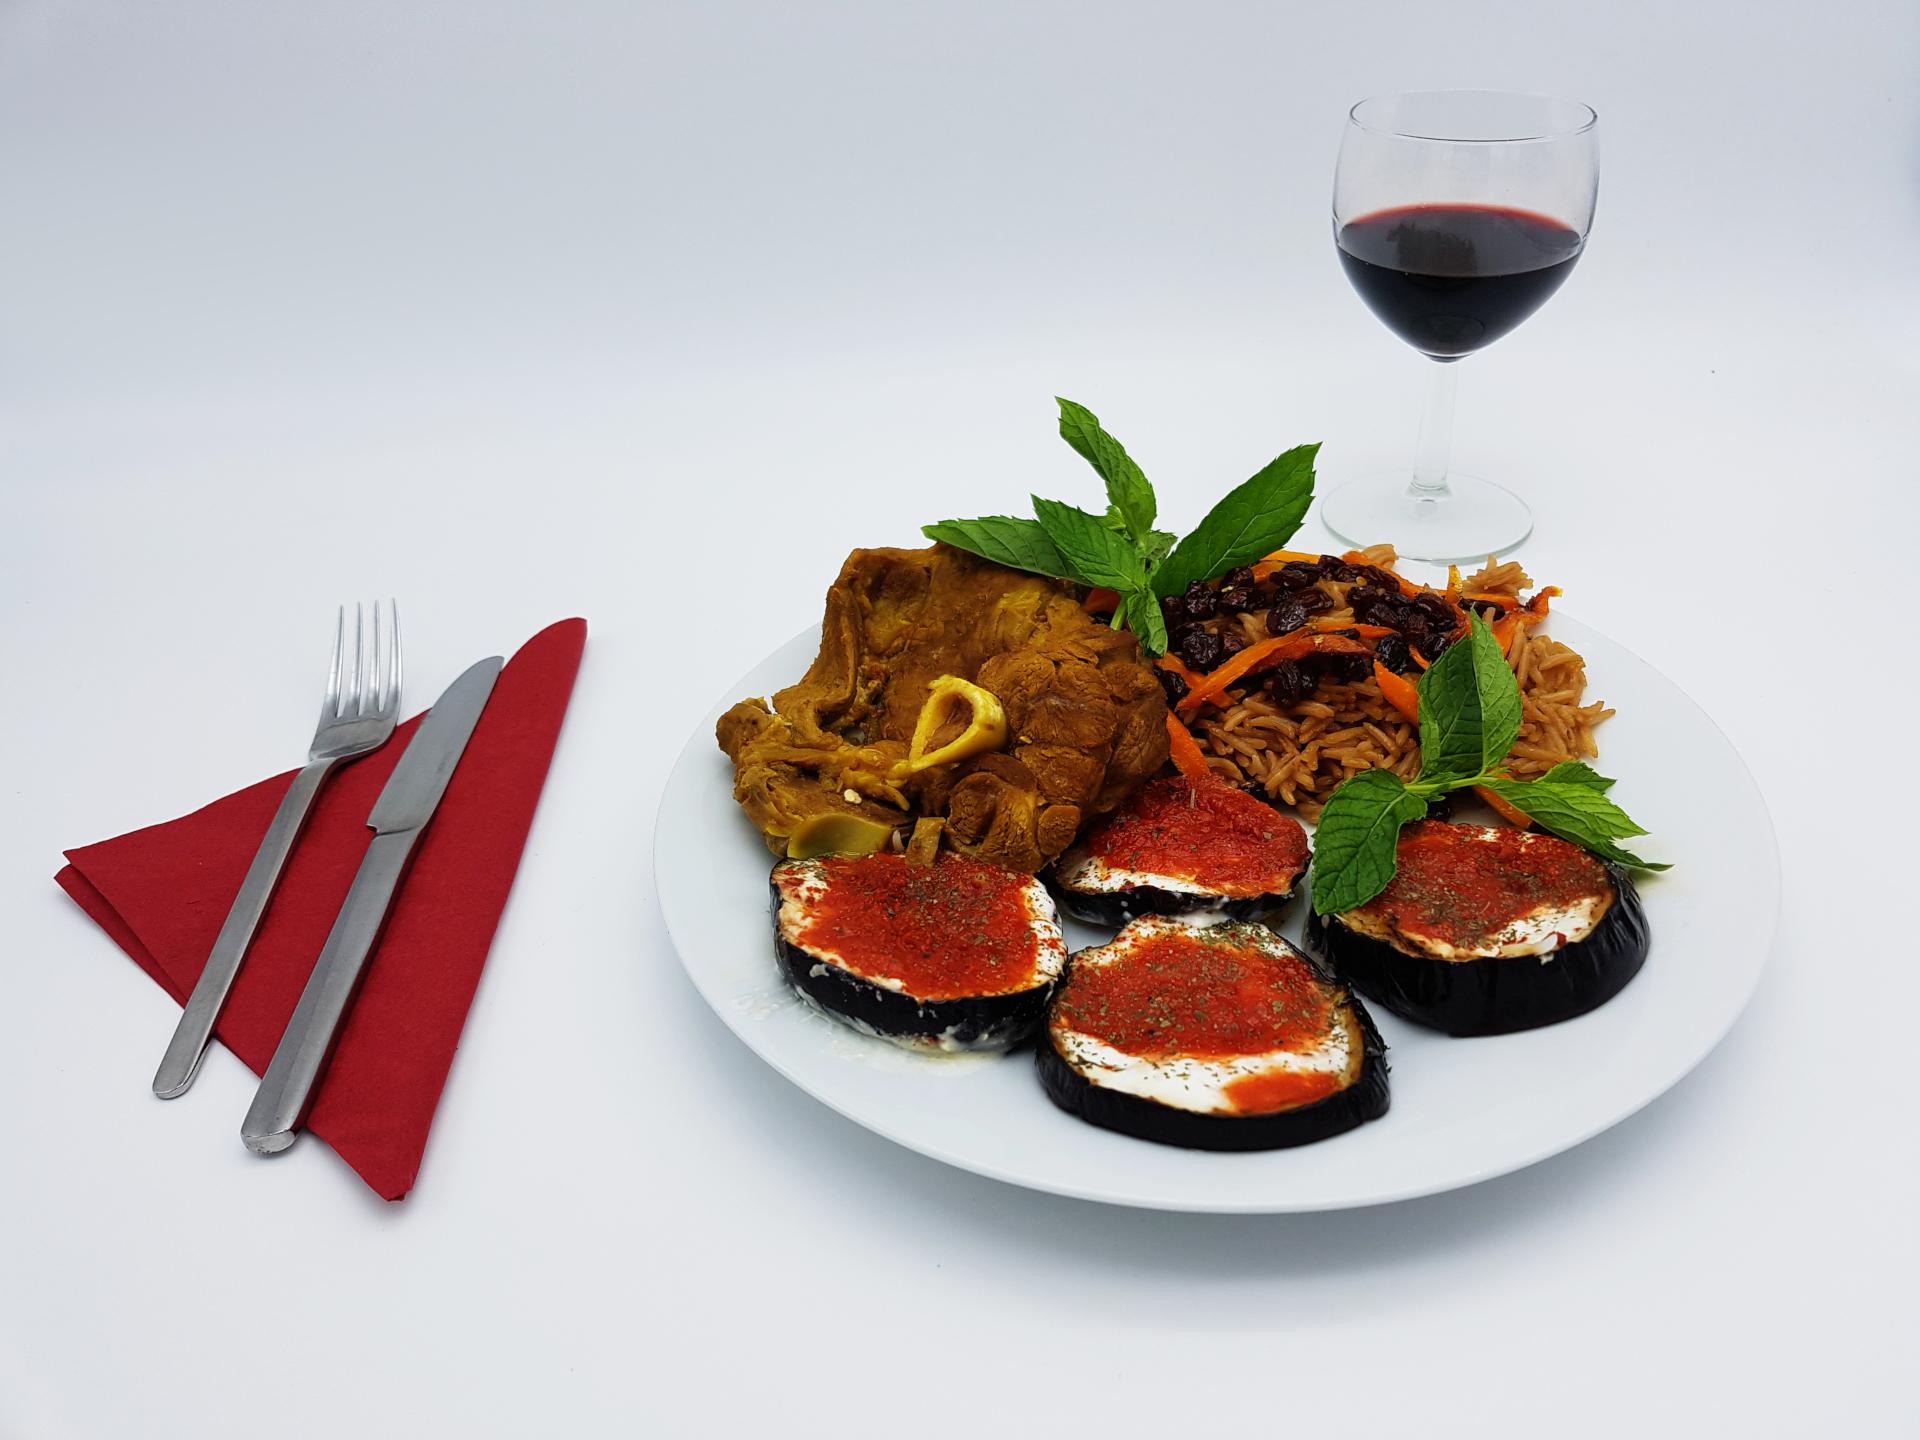 Leckere Auberginen mit Lammgulasch und braunen Basmatireis im Restaurant Kabul in Wuppertal.